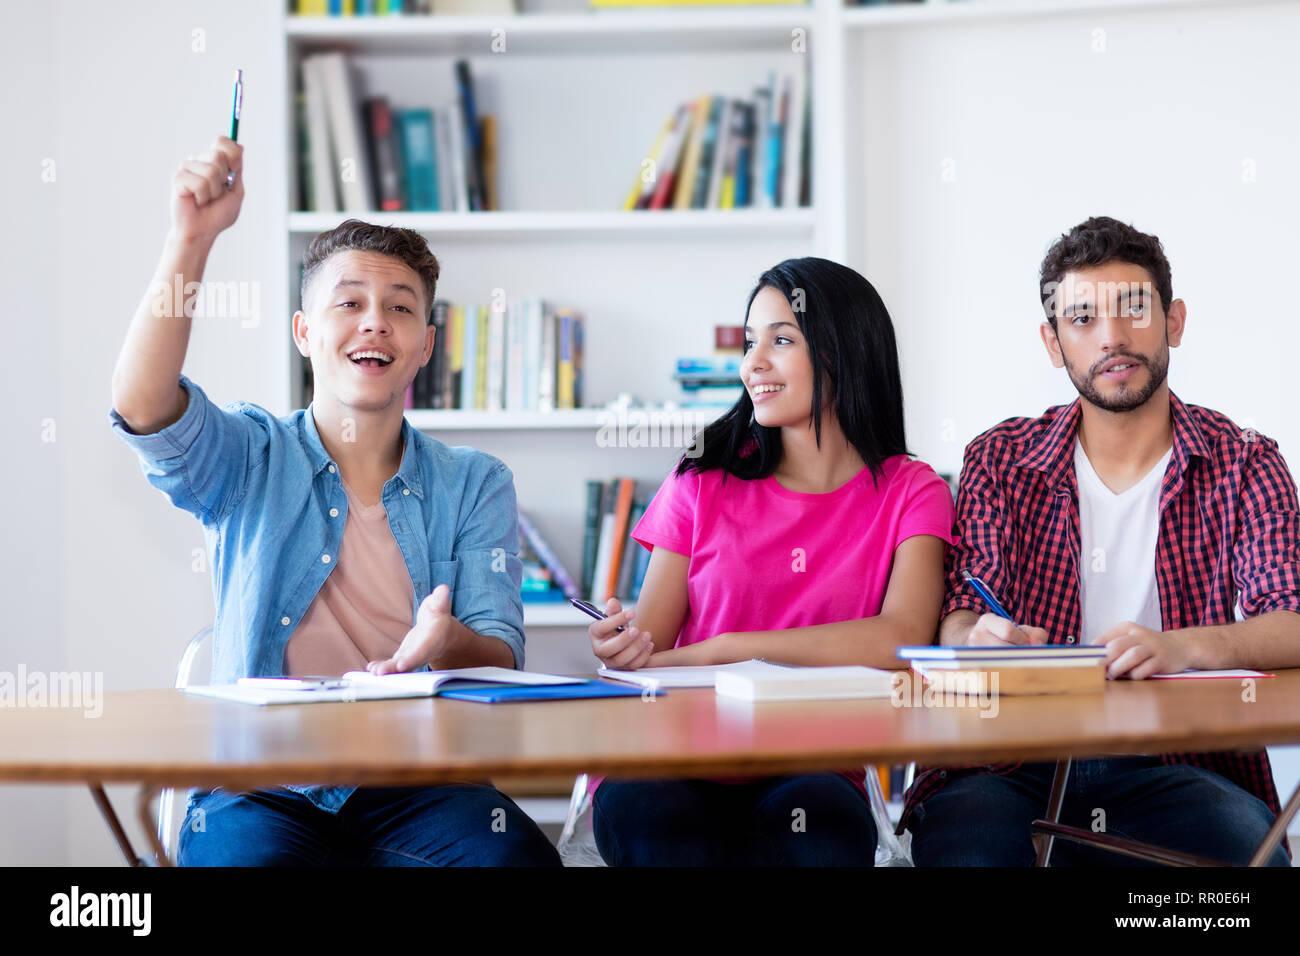 Estudiante varón caucásico levantando la mano en el aula de la escuela Imagen De Stock